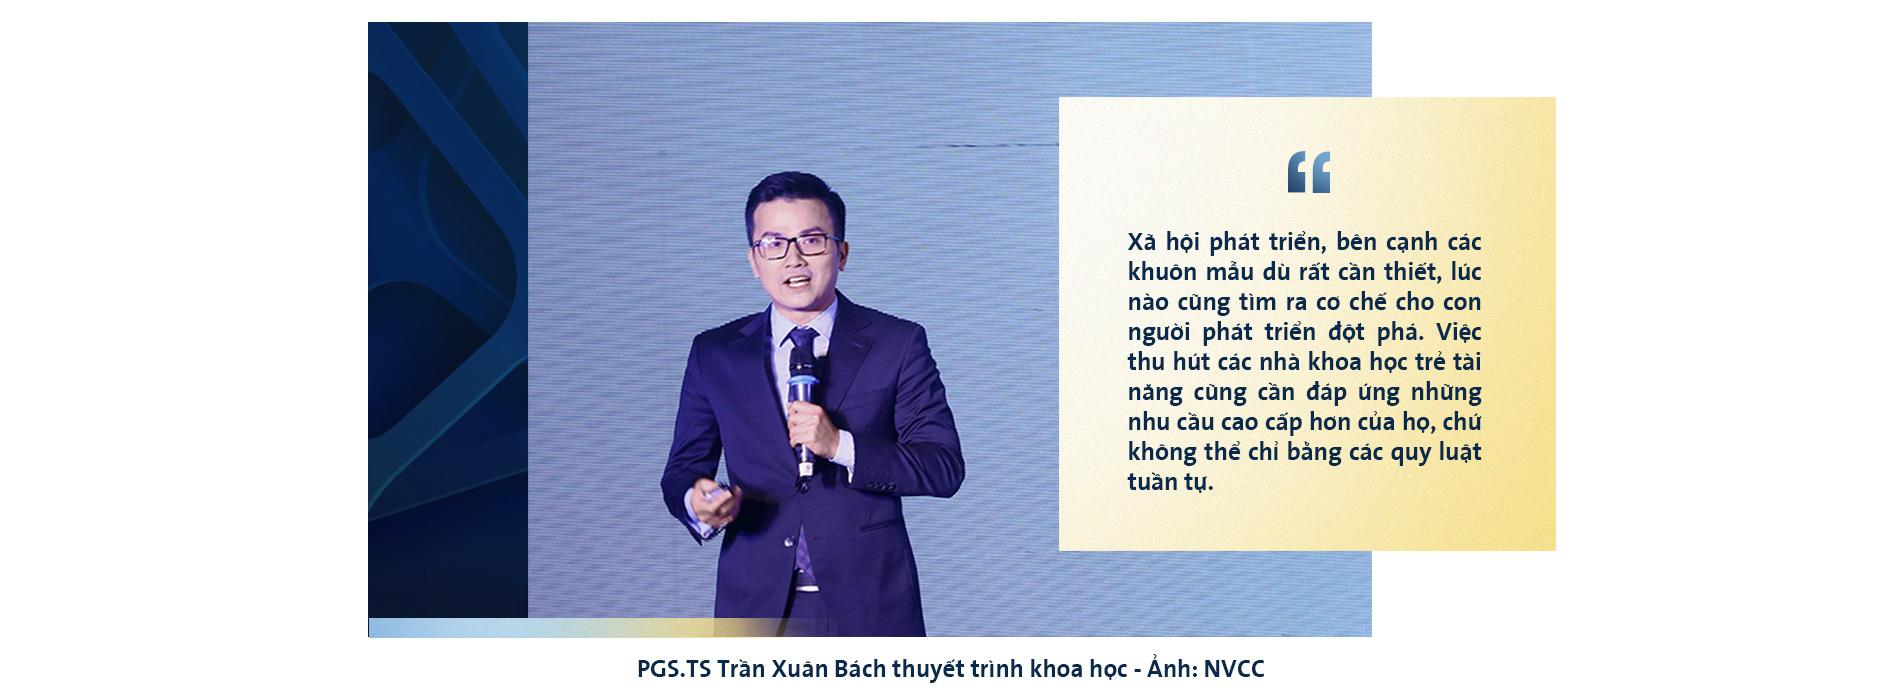 PGS Trần Xuân Bách: Làm khoa học như leo lên đỉnh núi mù sương - Ảnh 9.